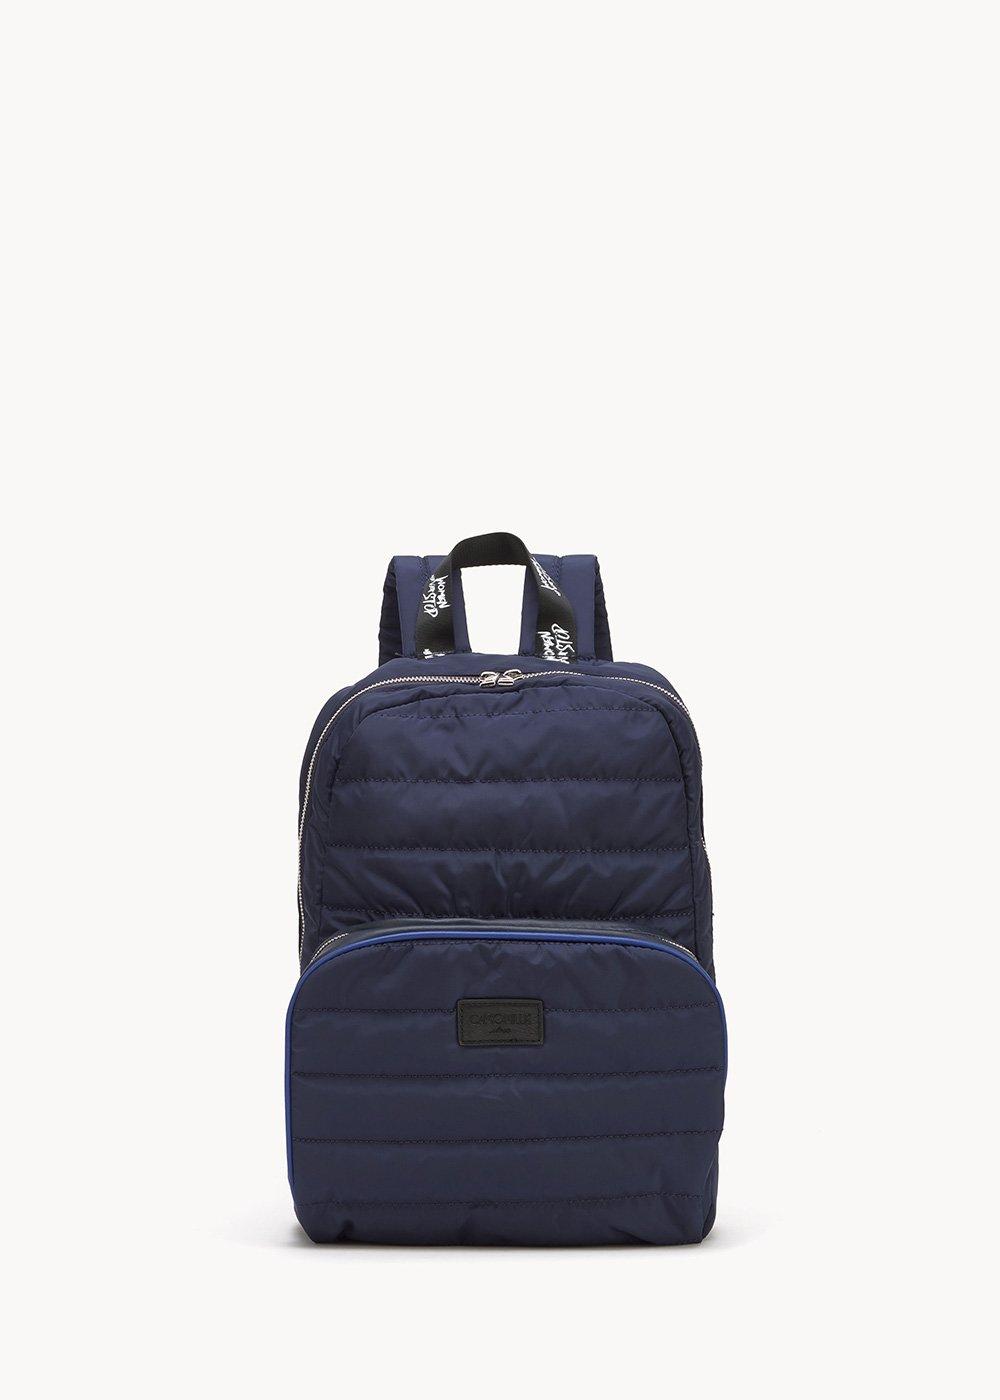 Boule nylon backpack